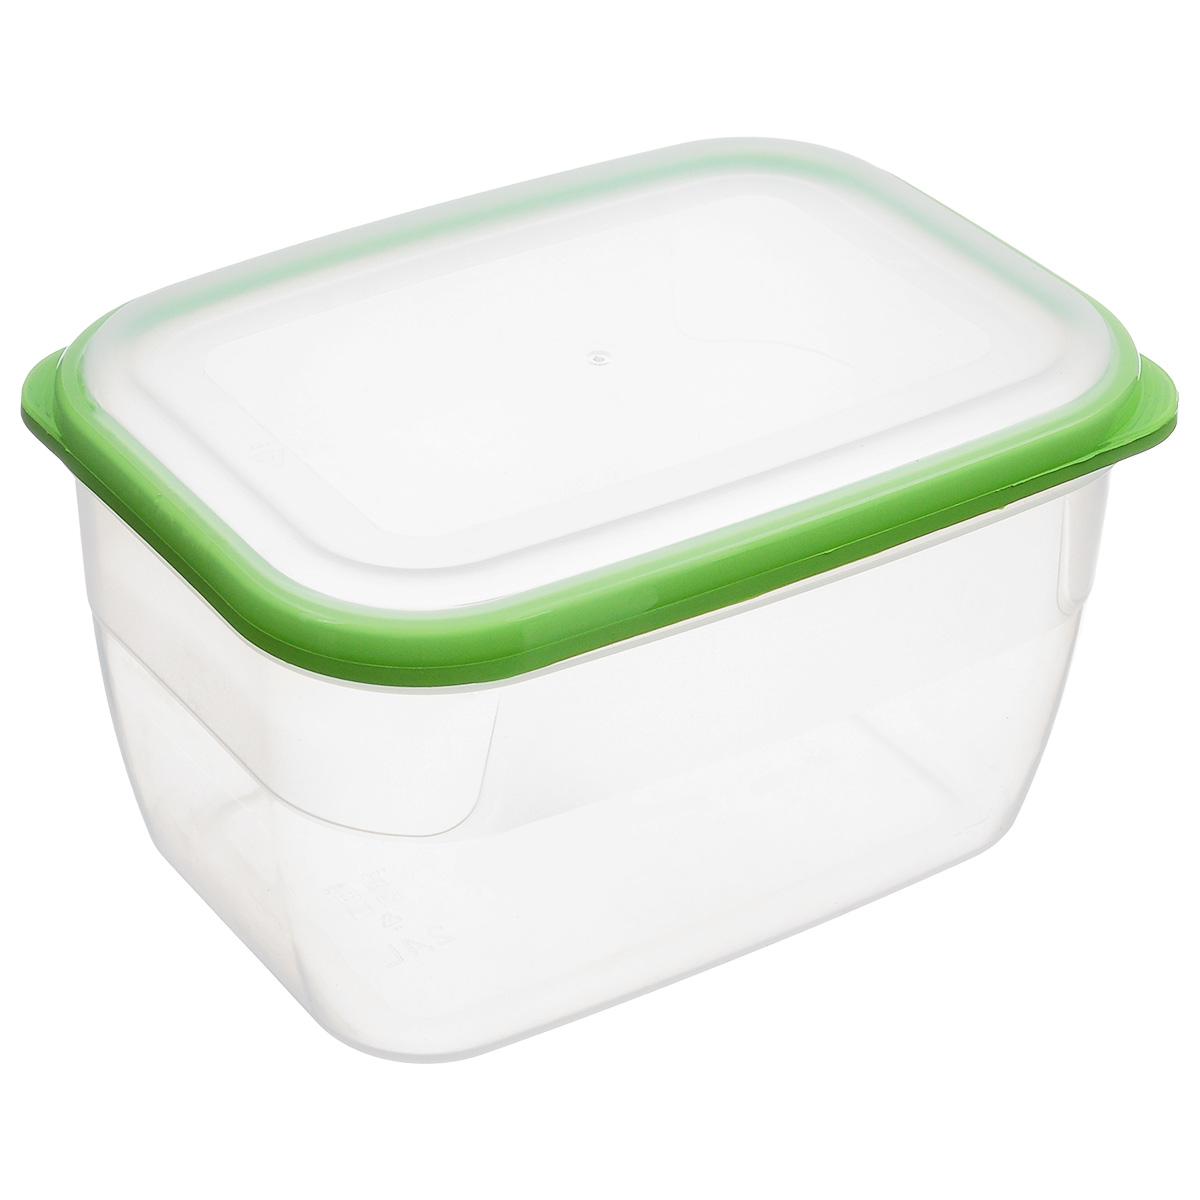 Контейнер Полимербыт Премиум, цвет: прозрачный, салатовый, 2,4 лVT-1520(SR)Контейнер Полимербыт Премиум прямоугольной формы, изготовленный из прочного пластика, предназначен специально для хранения пищевых продуктов. Крышка легко открывается и плотно закрывается.Контейнер устойчив к воздействию масел и жиров, легко моется. Прозрачные стенки позволяют видеть содержимое. Контейнер имеет возможность хранения продуктов глубокой заморозки, обладает высокой прочностью. Можно мыть в посудомоечной машине. Подходит для использования в микроволновых печах.